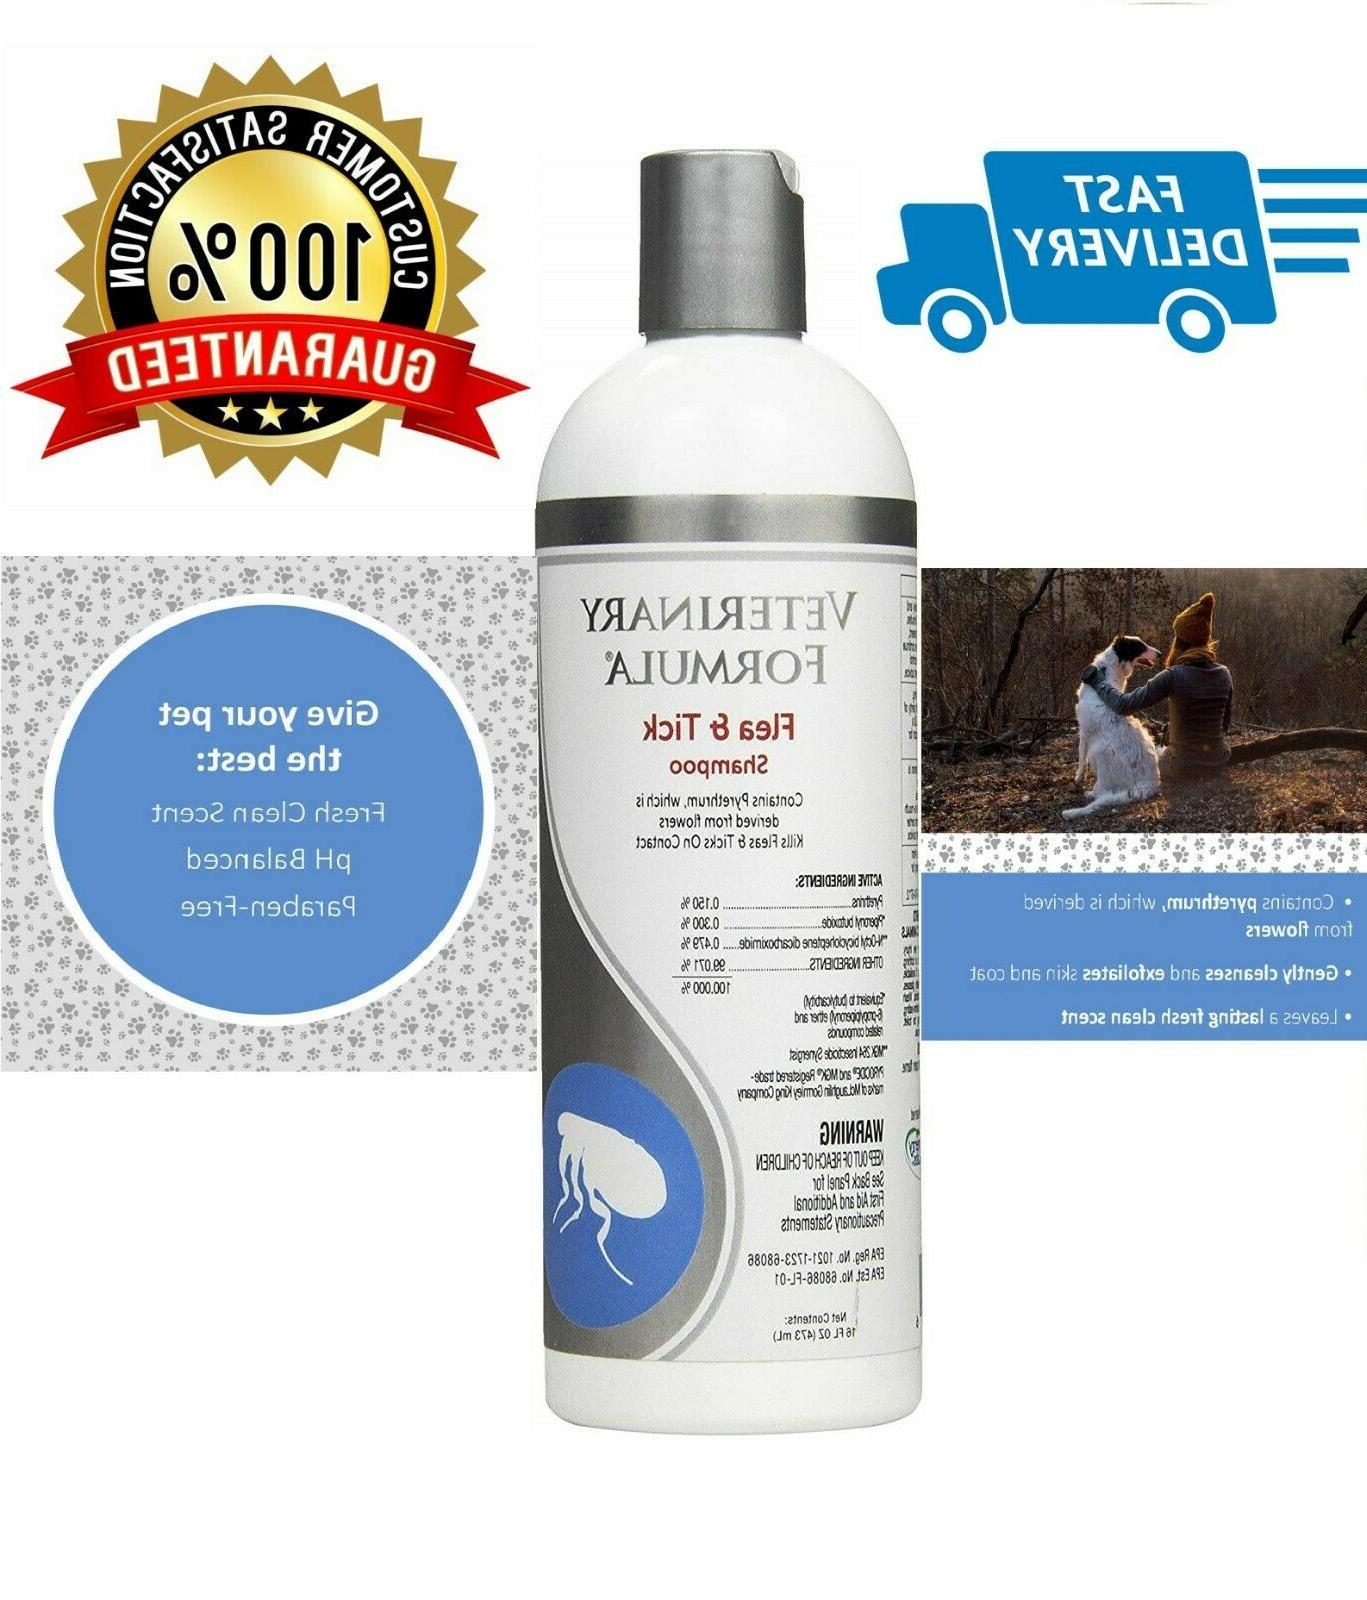 medicated dog shampoo anti flea insects mange